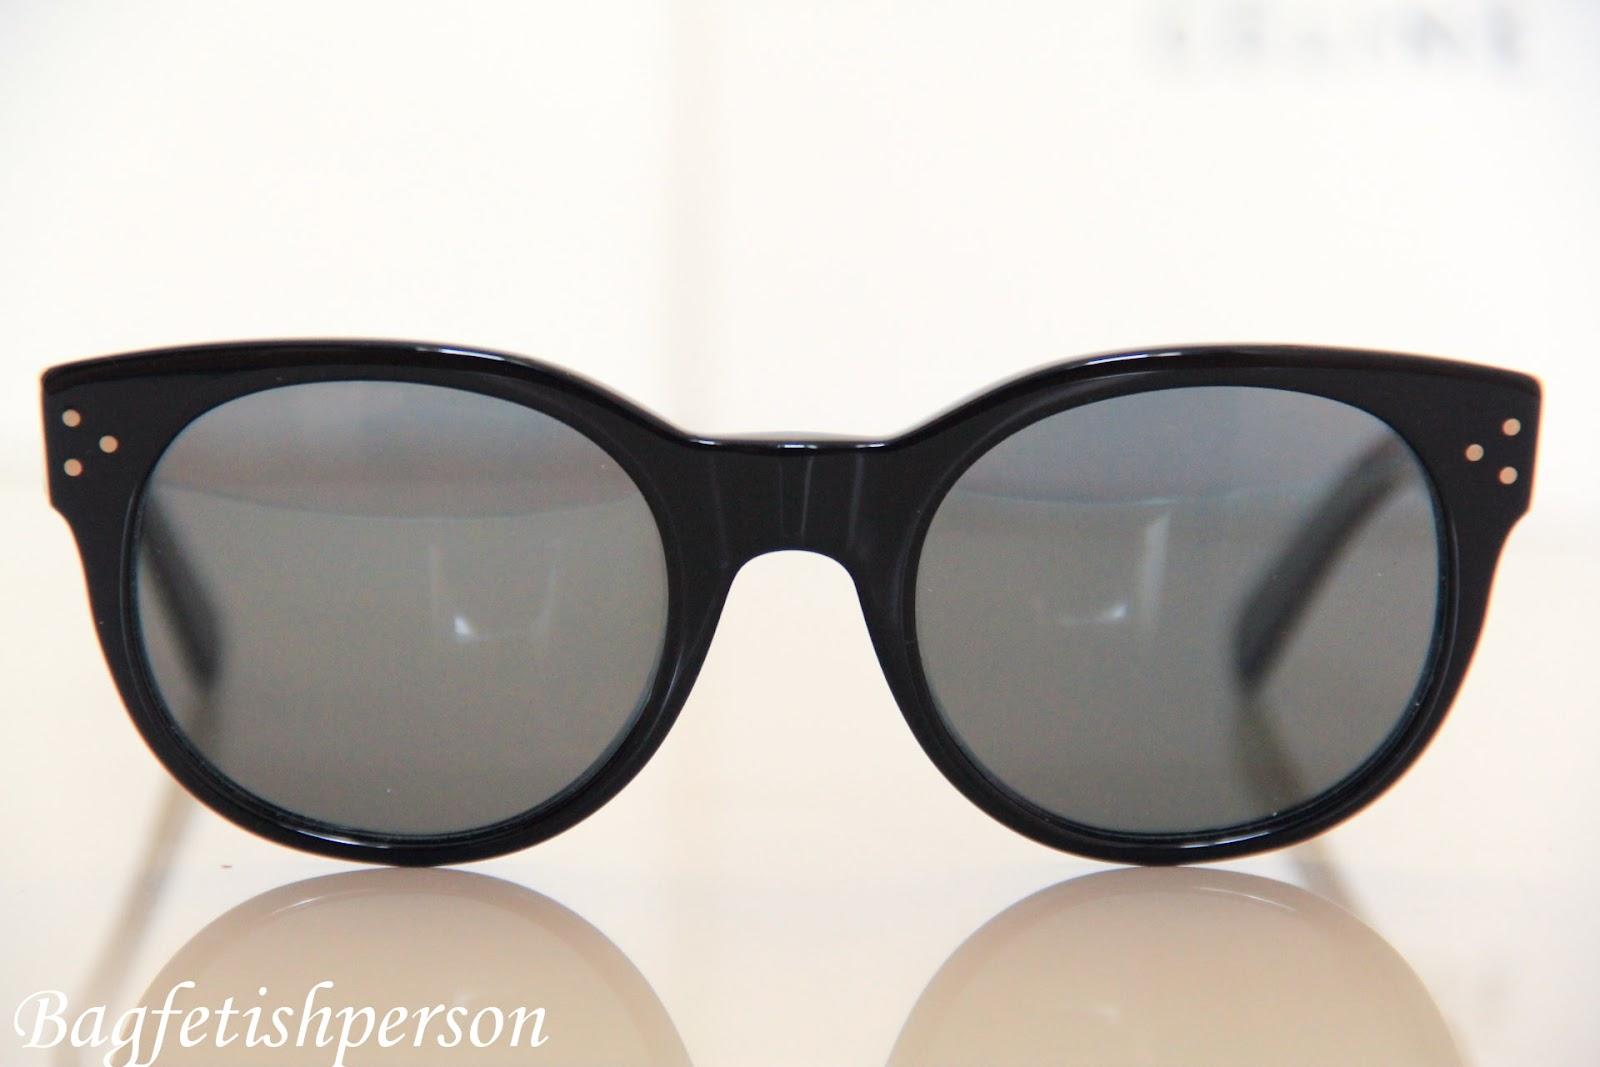 26c4e91704cd bagfetishperson  Celine Audrey sunglasses